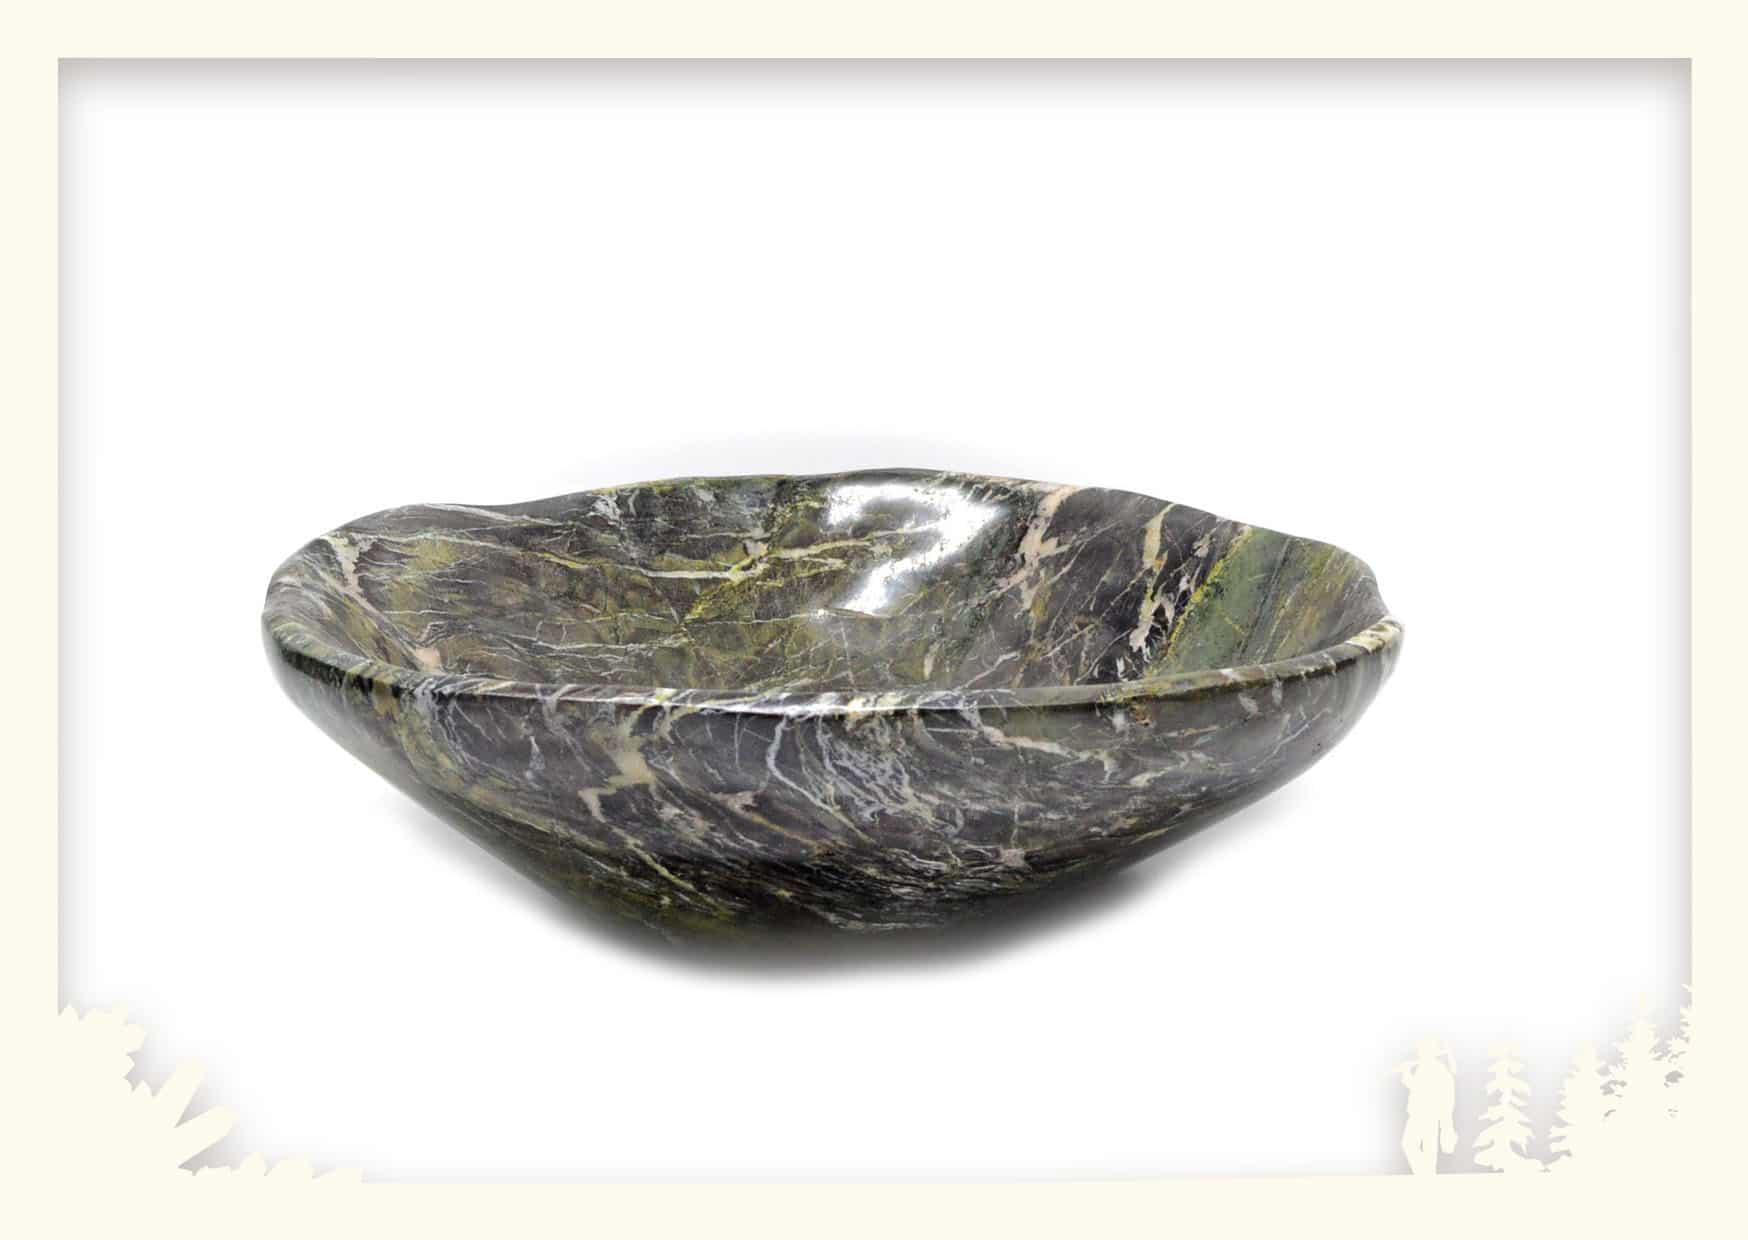 Steinschale Serpentinit Image